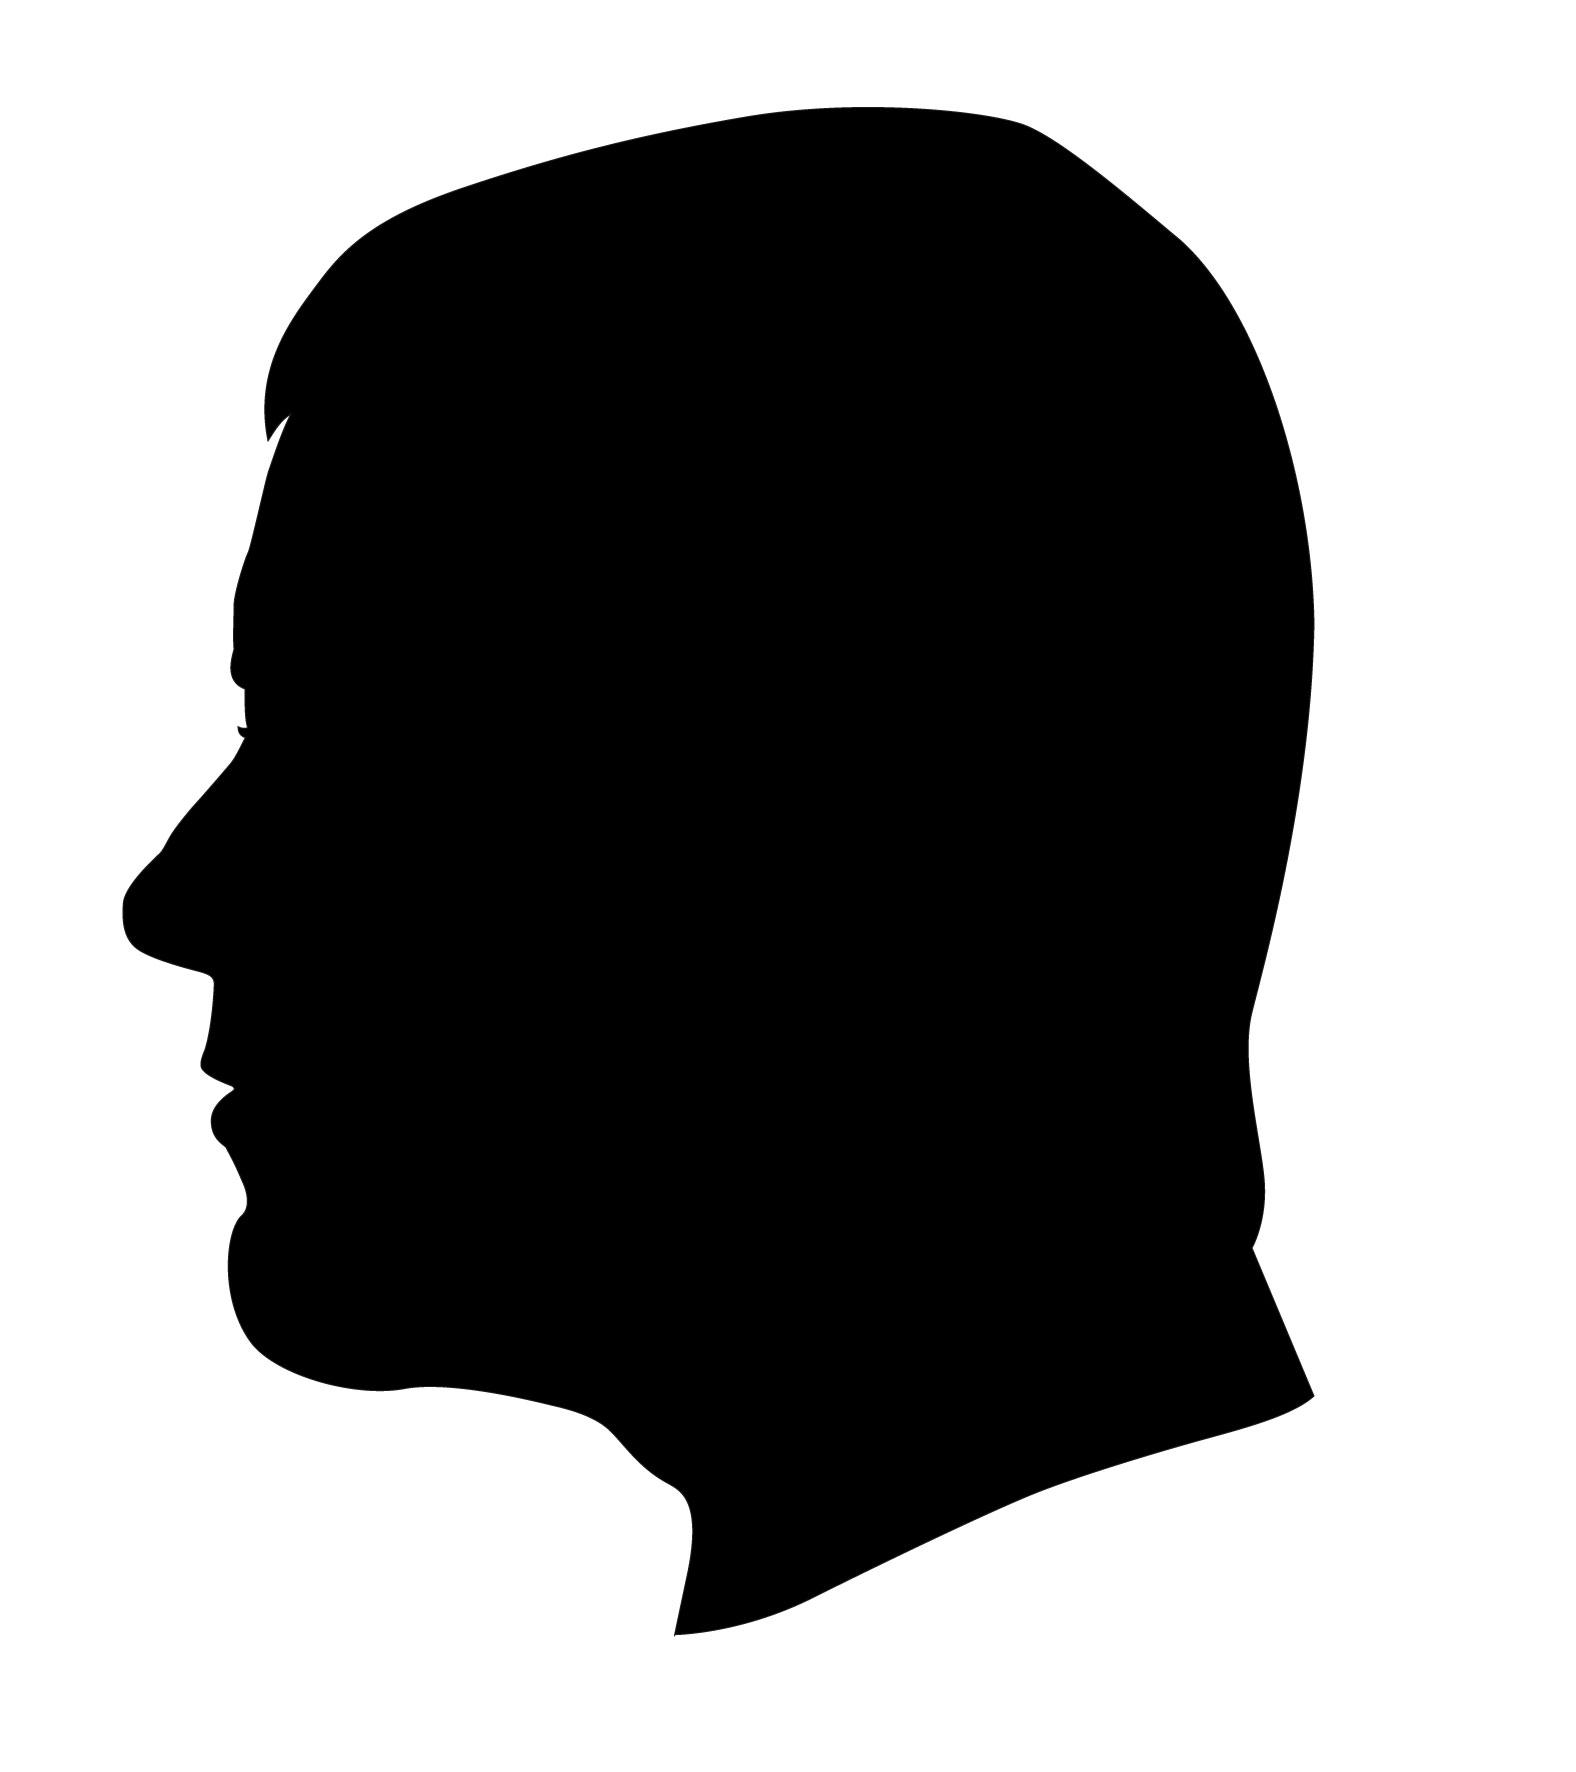 Profile clipart silhouette #10